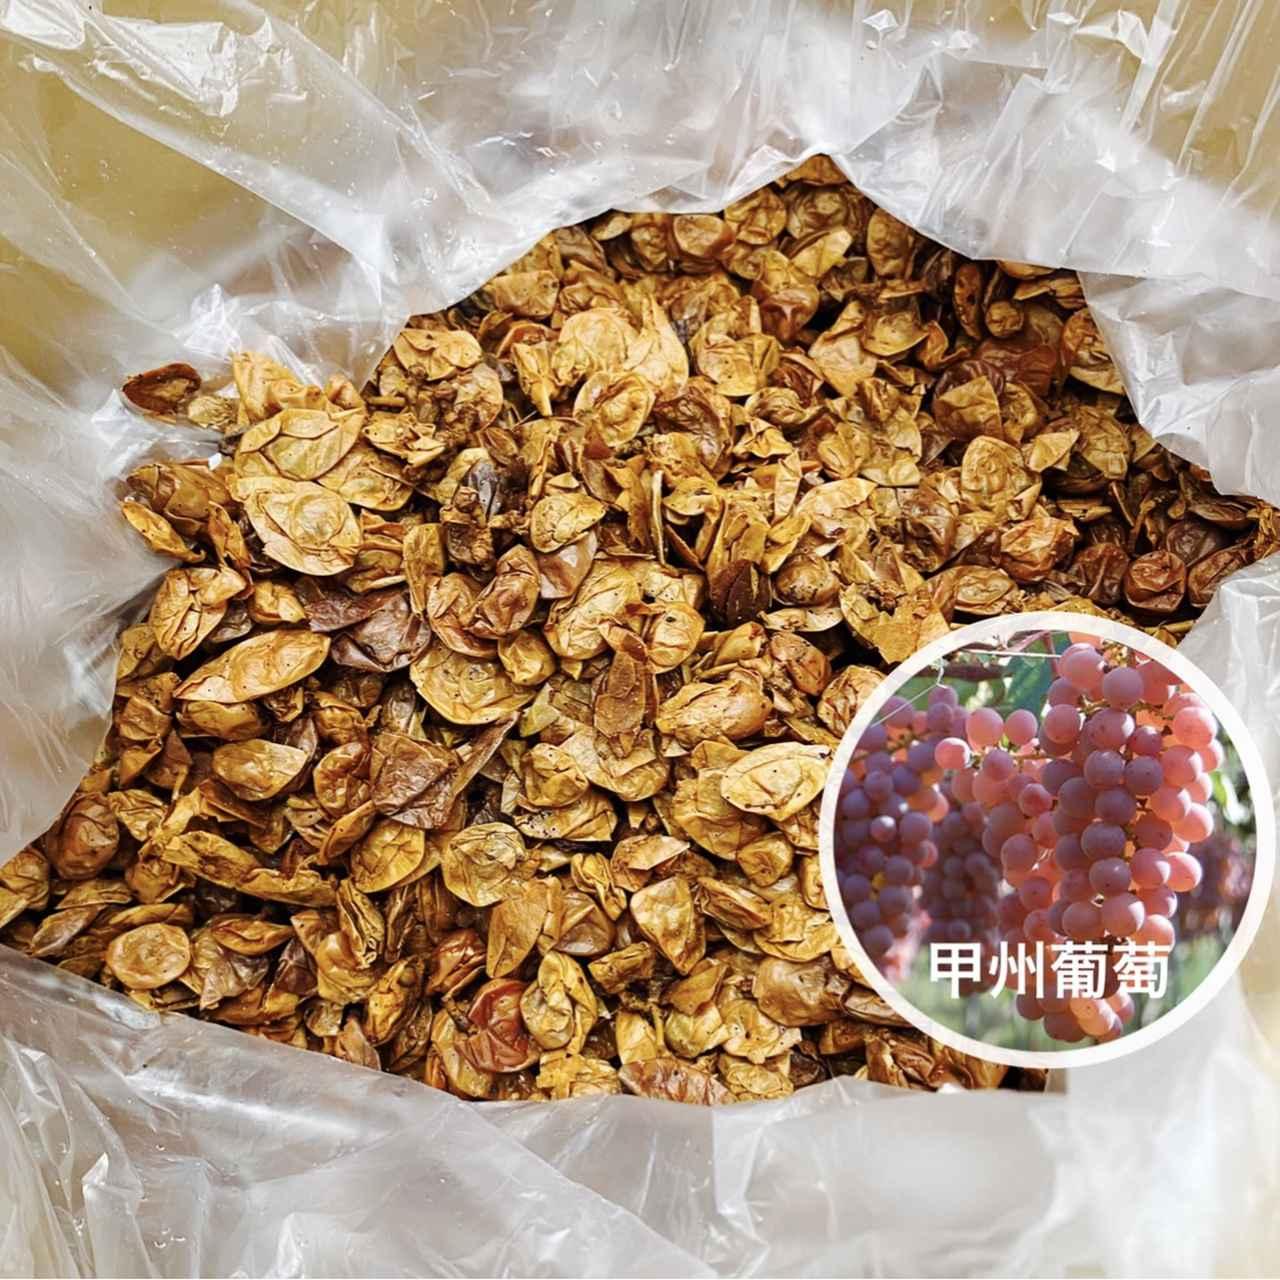 画像: 使用した甲州葡萄の果皮